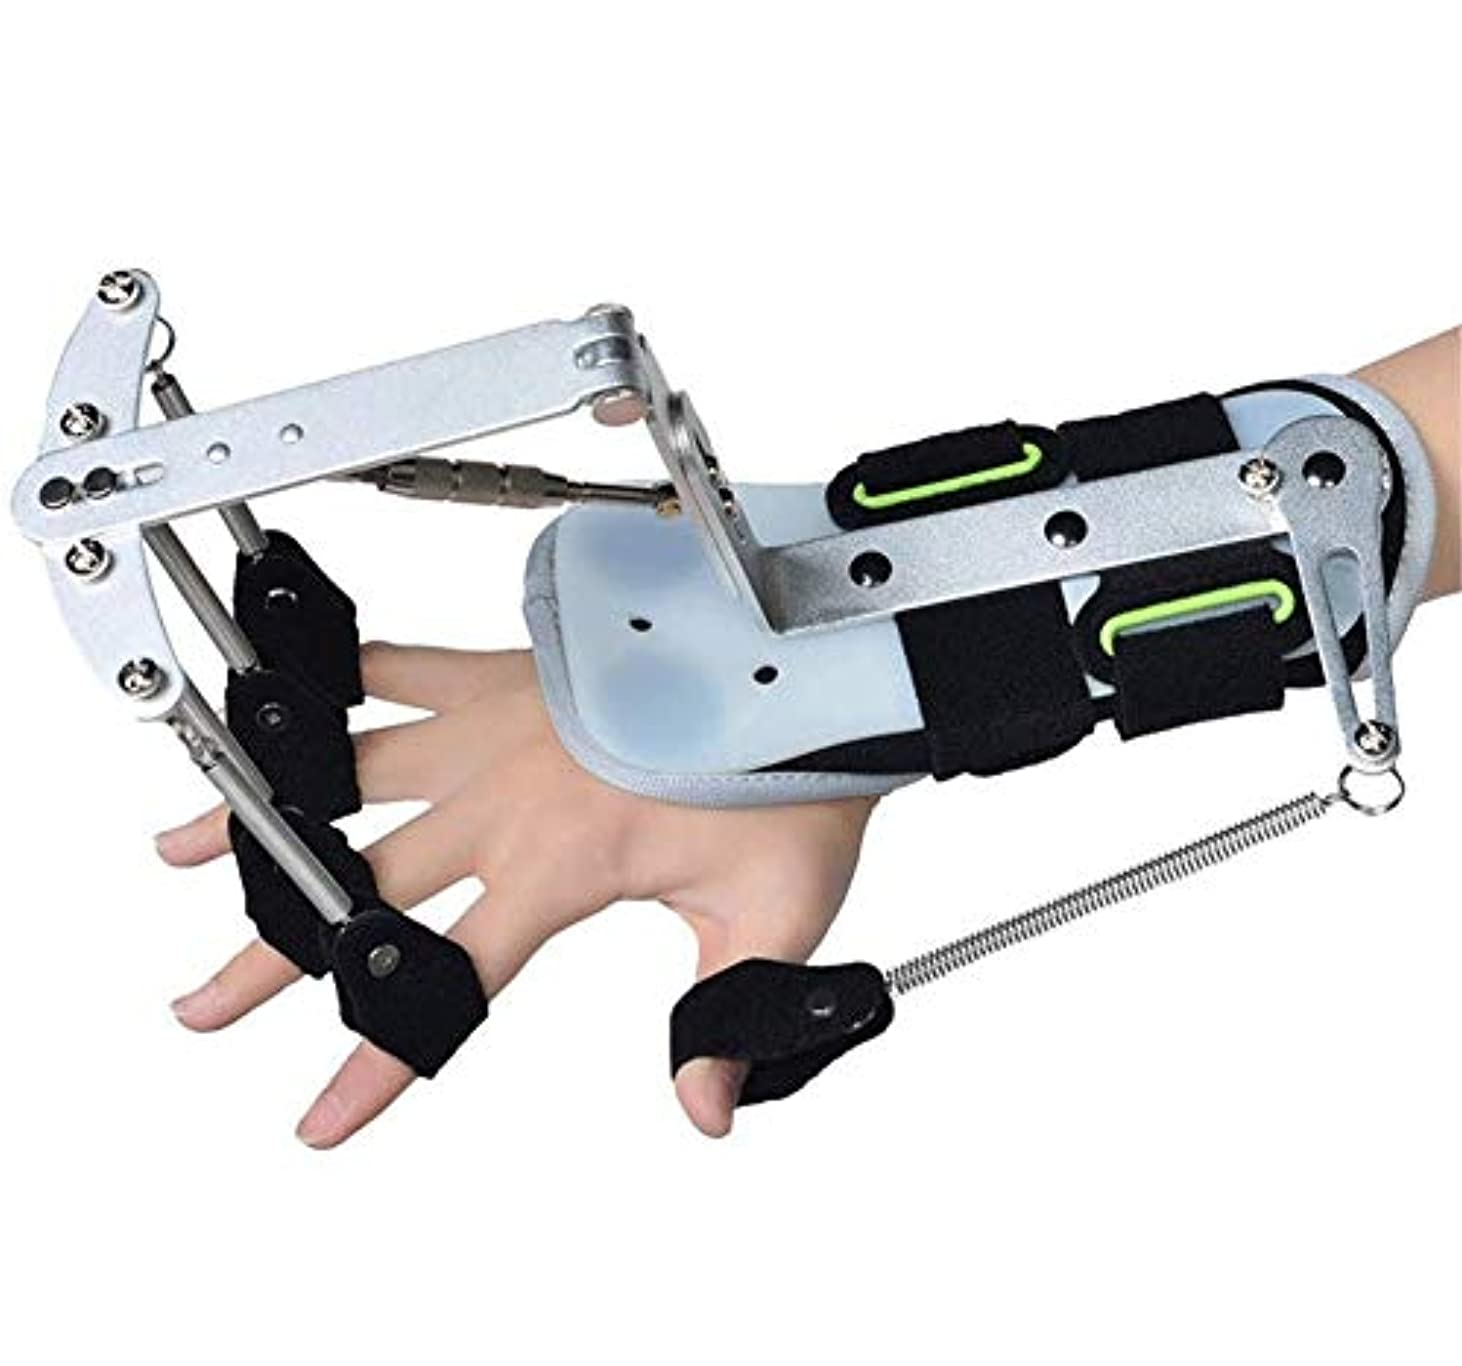 百配管放送手首OrthoticsAdjustableフィンガー、フィンガートレーナーハンドリハビリトレーニング指装具脳卒中片麻痺患者のあこがれ演習修復のため